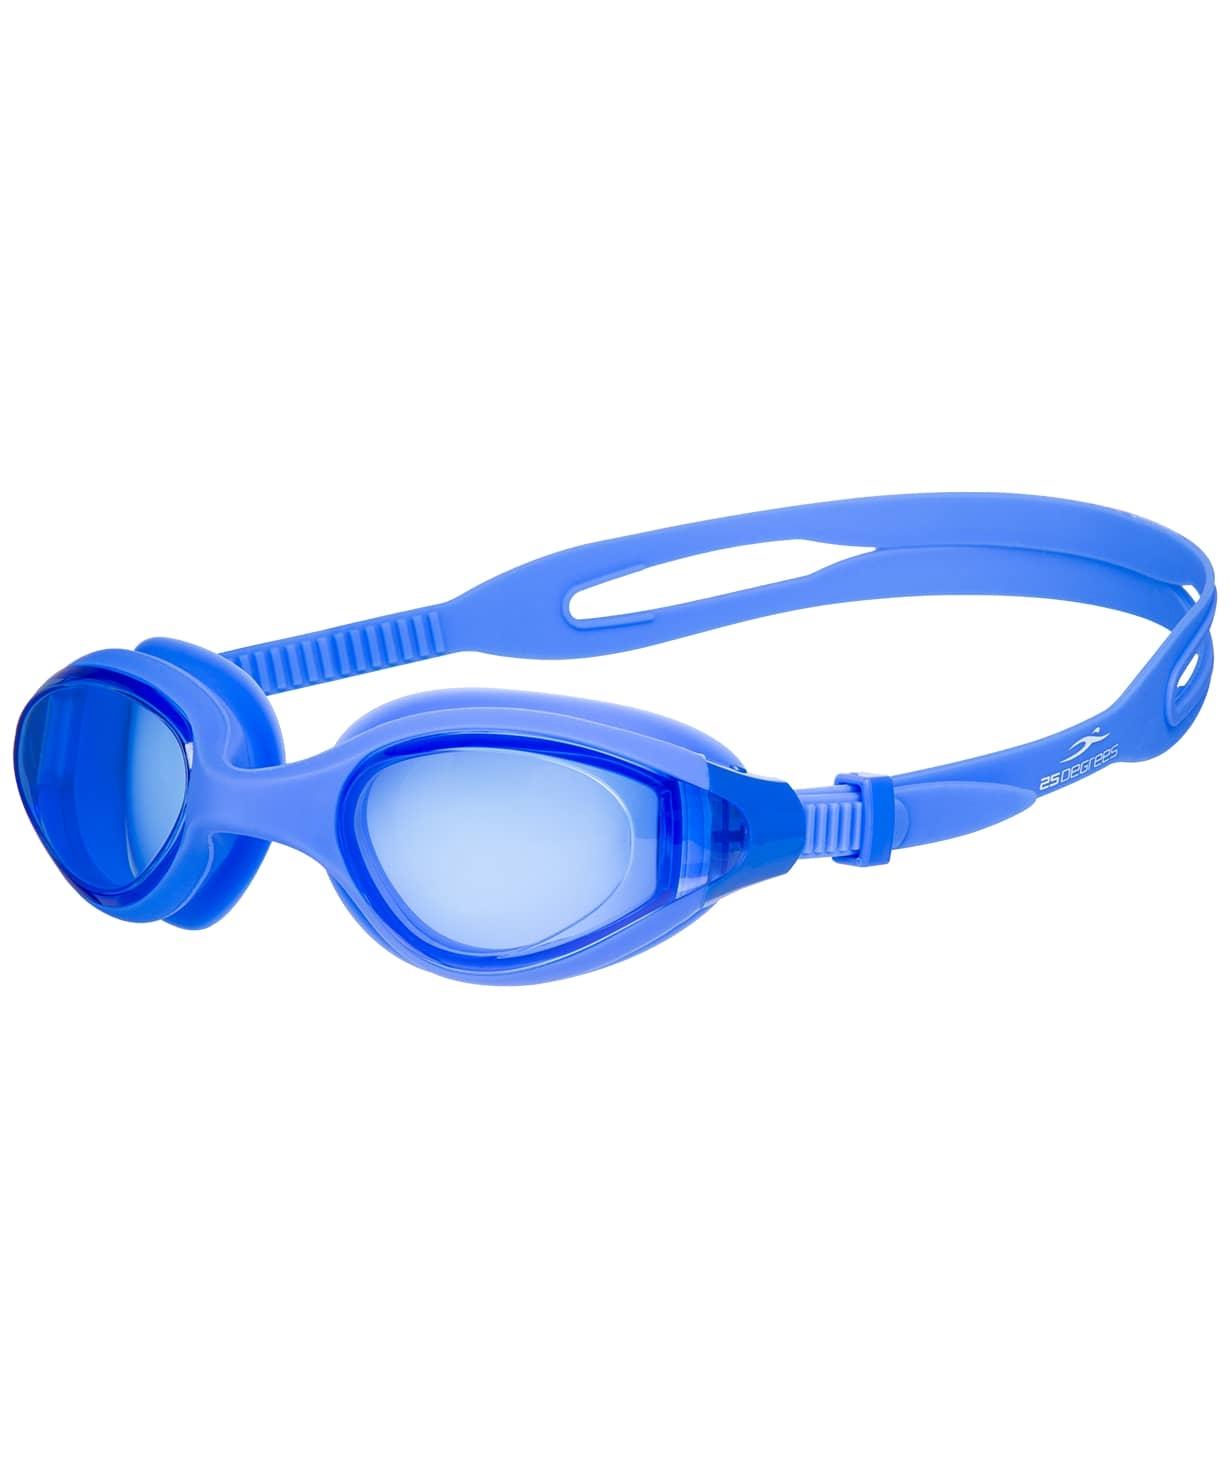 Очки для плавания Prive Navy